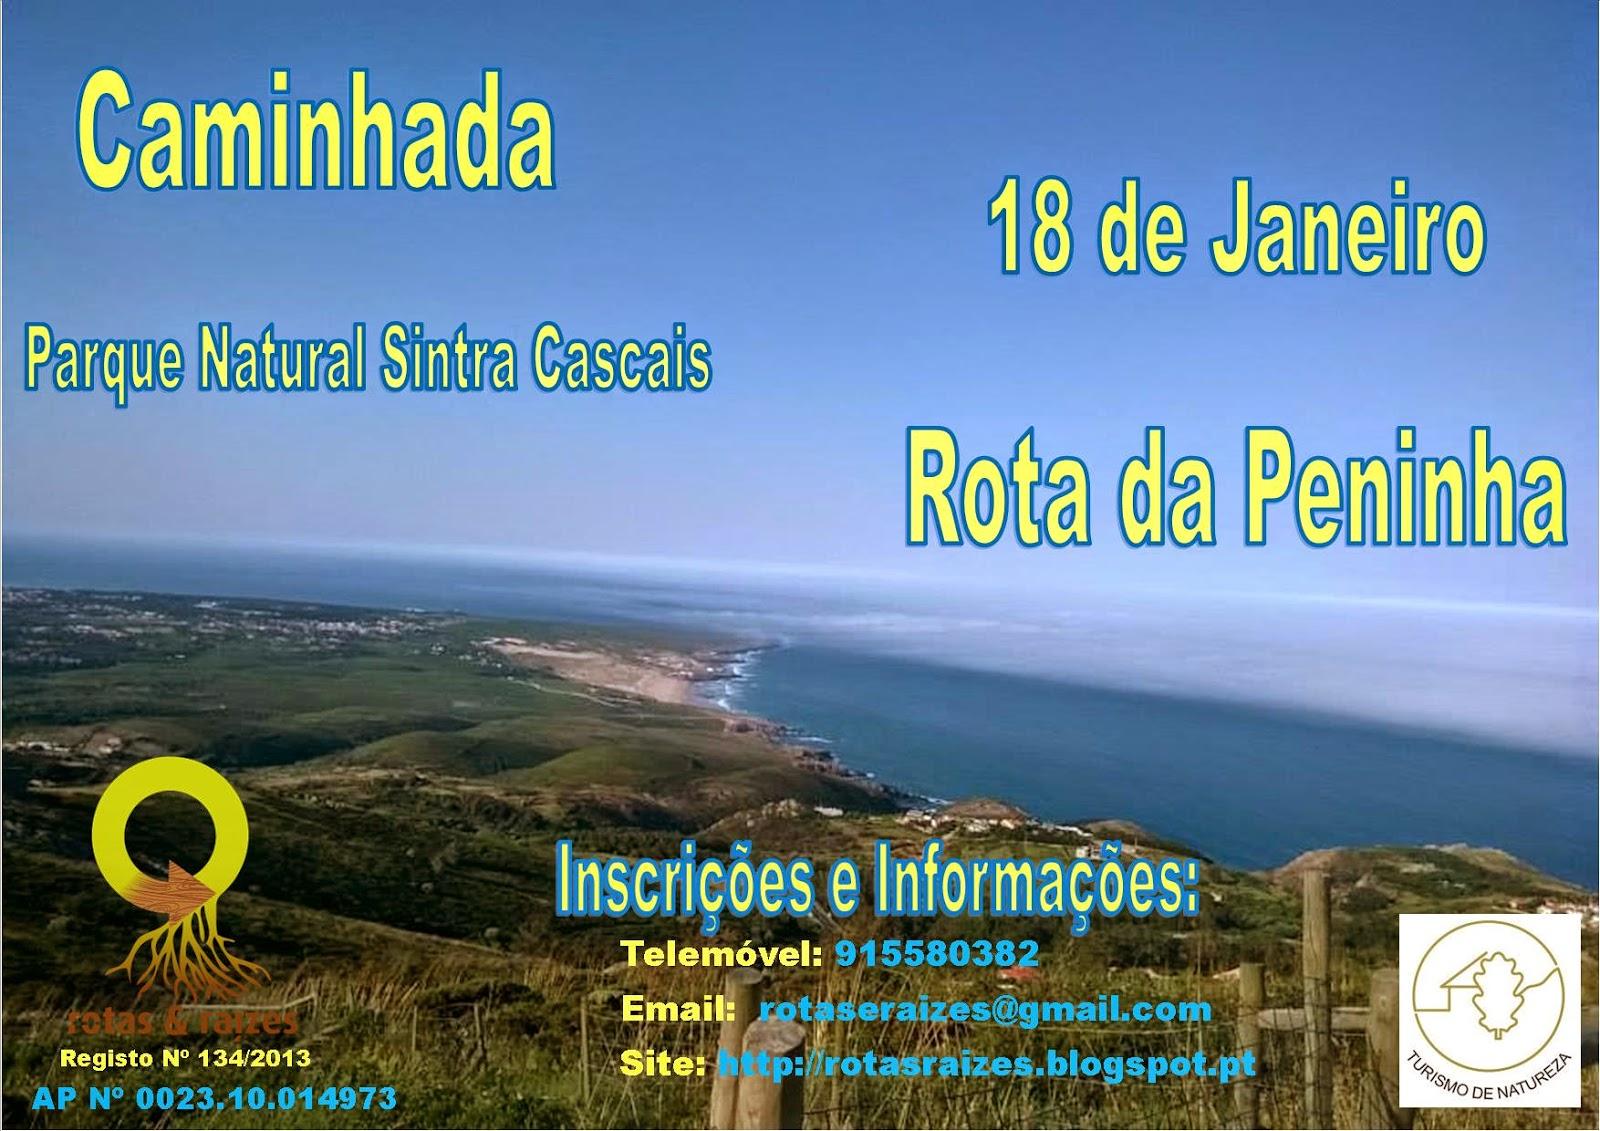 Rota - 2015/01/18 - Caminhada Rota Peninha-Sintra Rota%2Bda%2BPeninha